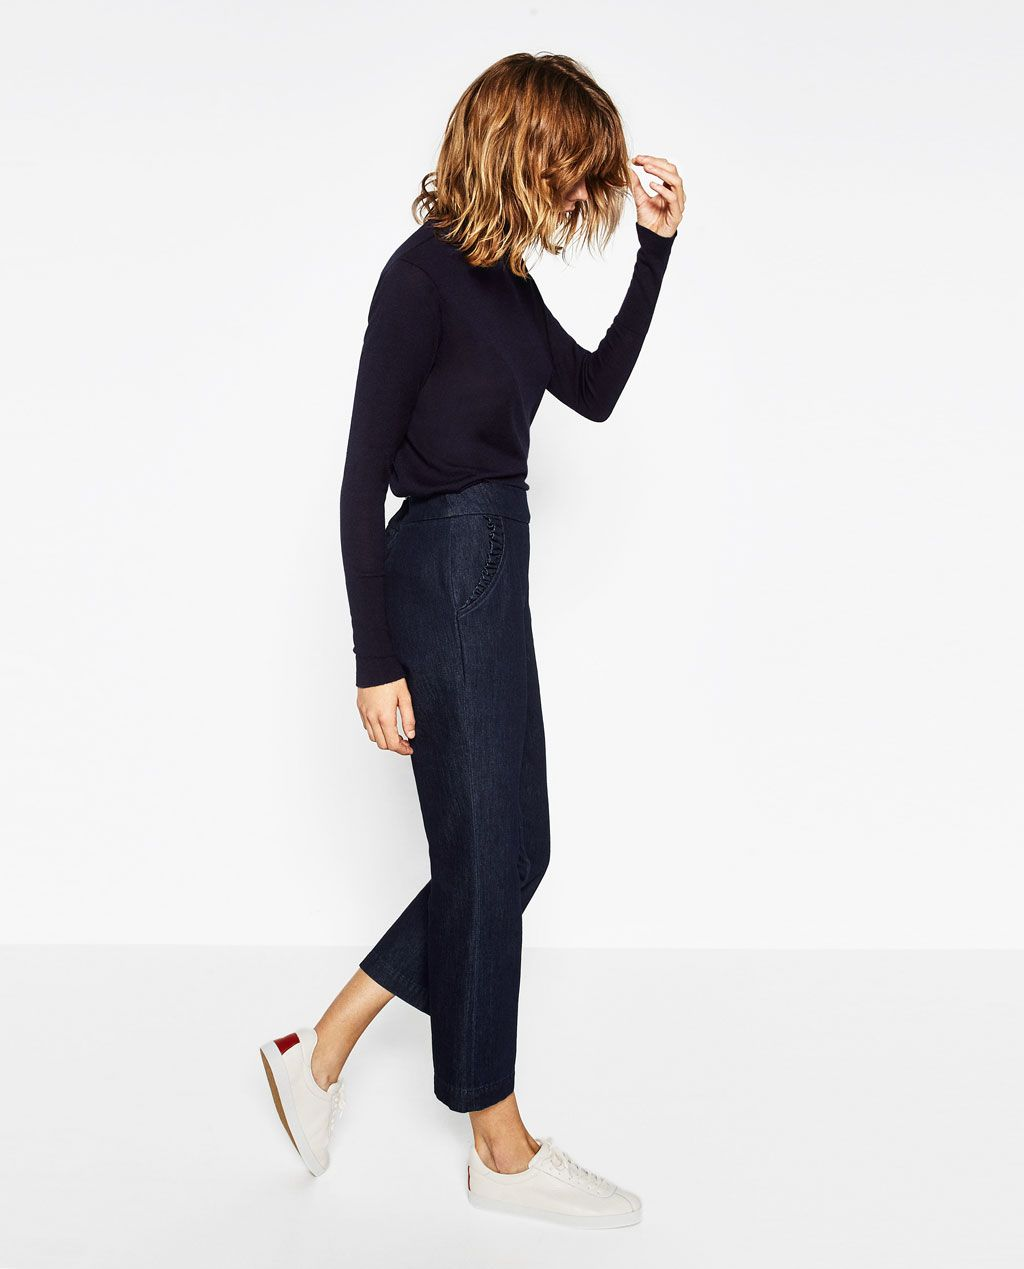 タートルネックセーター-今週の新商品-レディ-ス | ZARA 日本